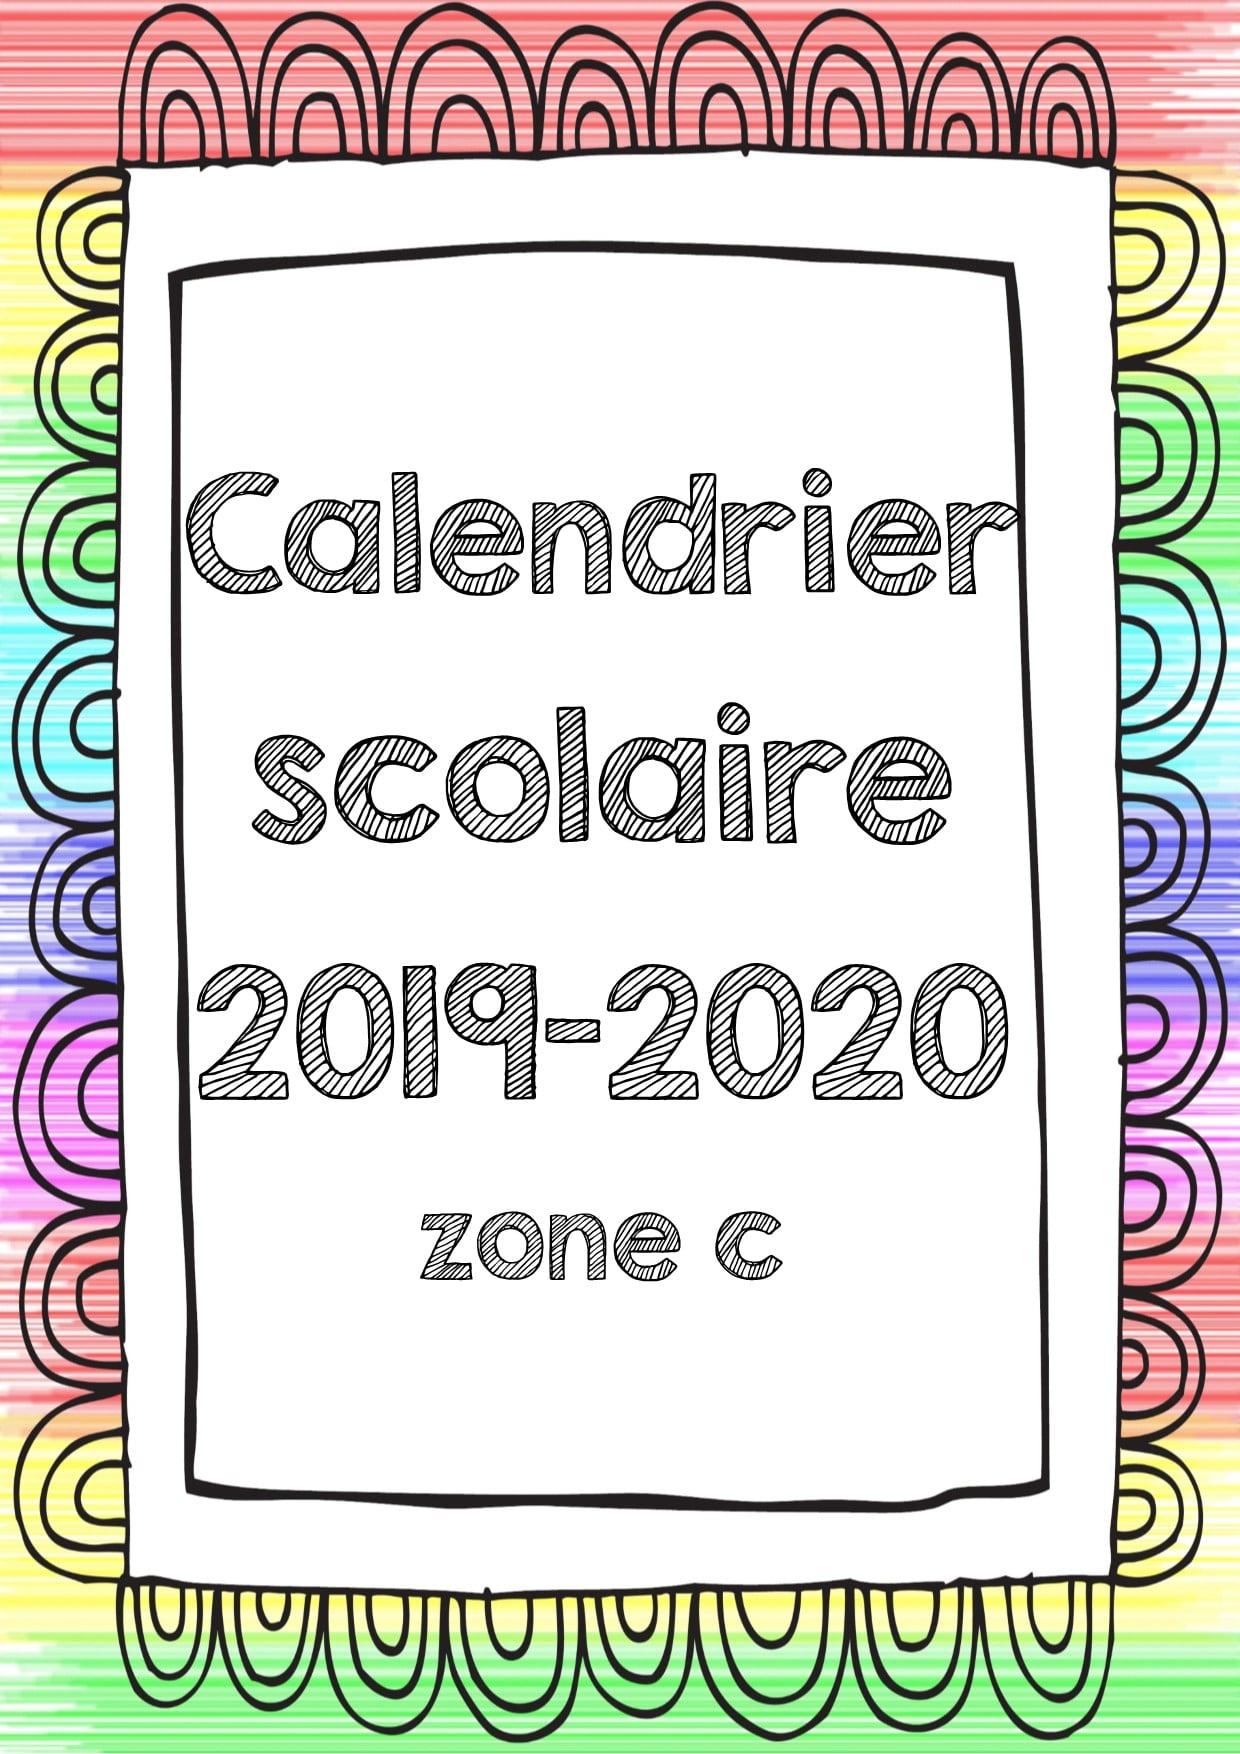 Calendrier Scolaire Zone B 2020 2019.Calendrier Scolaire Zone A B Et C Pour Les Enseignants